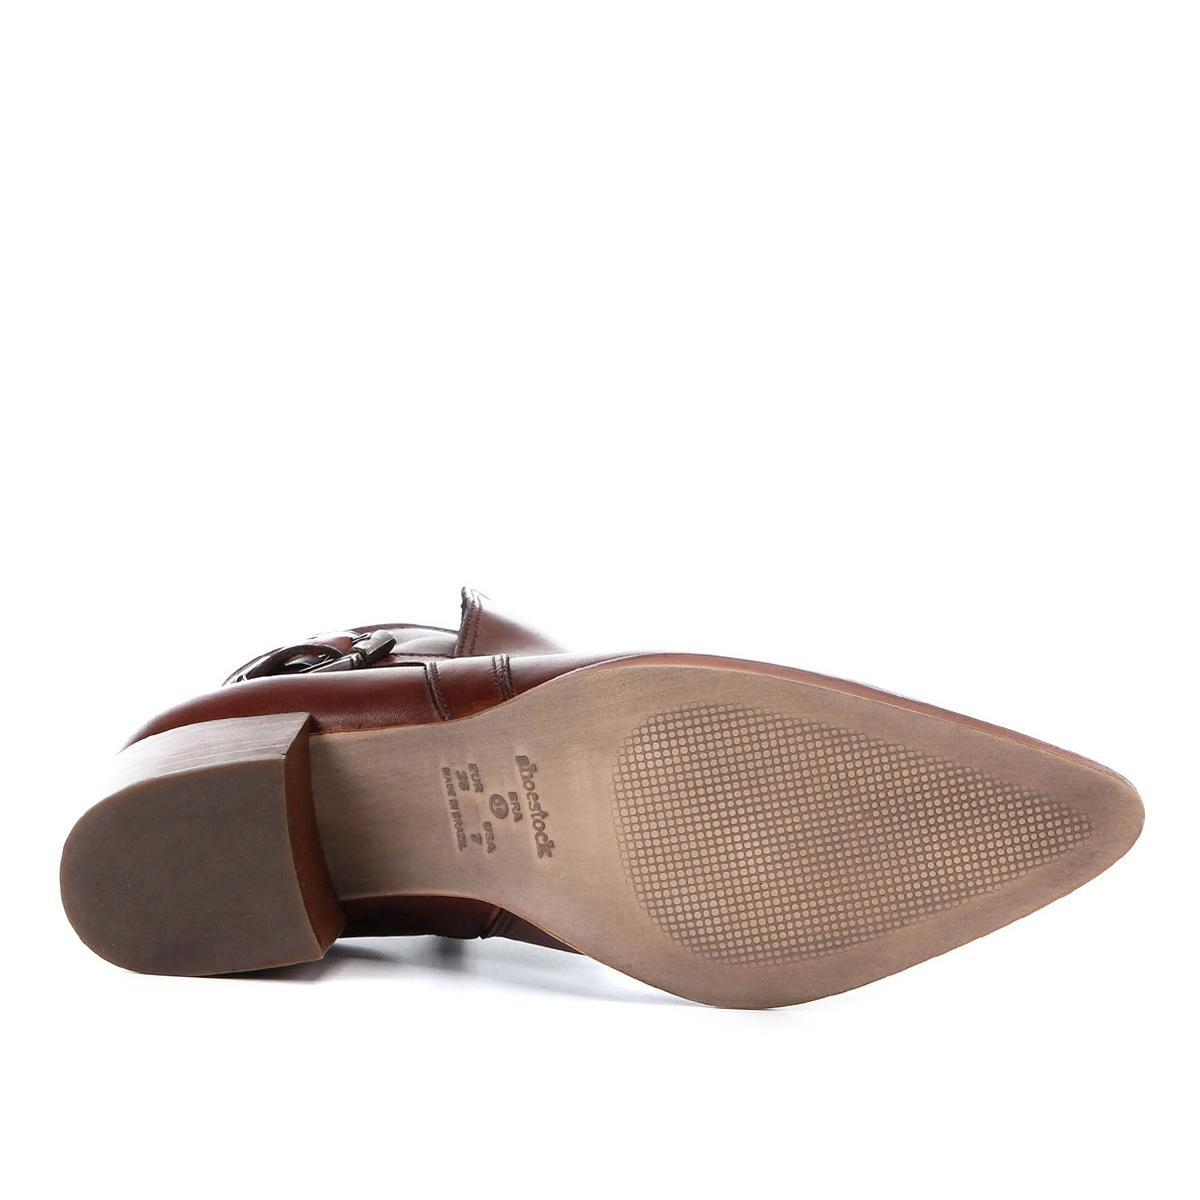 609115339 Bota Couro Cano Curto Shoestock Bico Fino Fivela Feminina R$ 299,90 à  vista. Adicionar à sacola